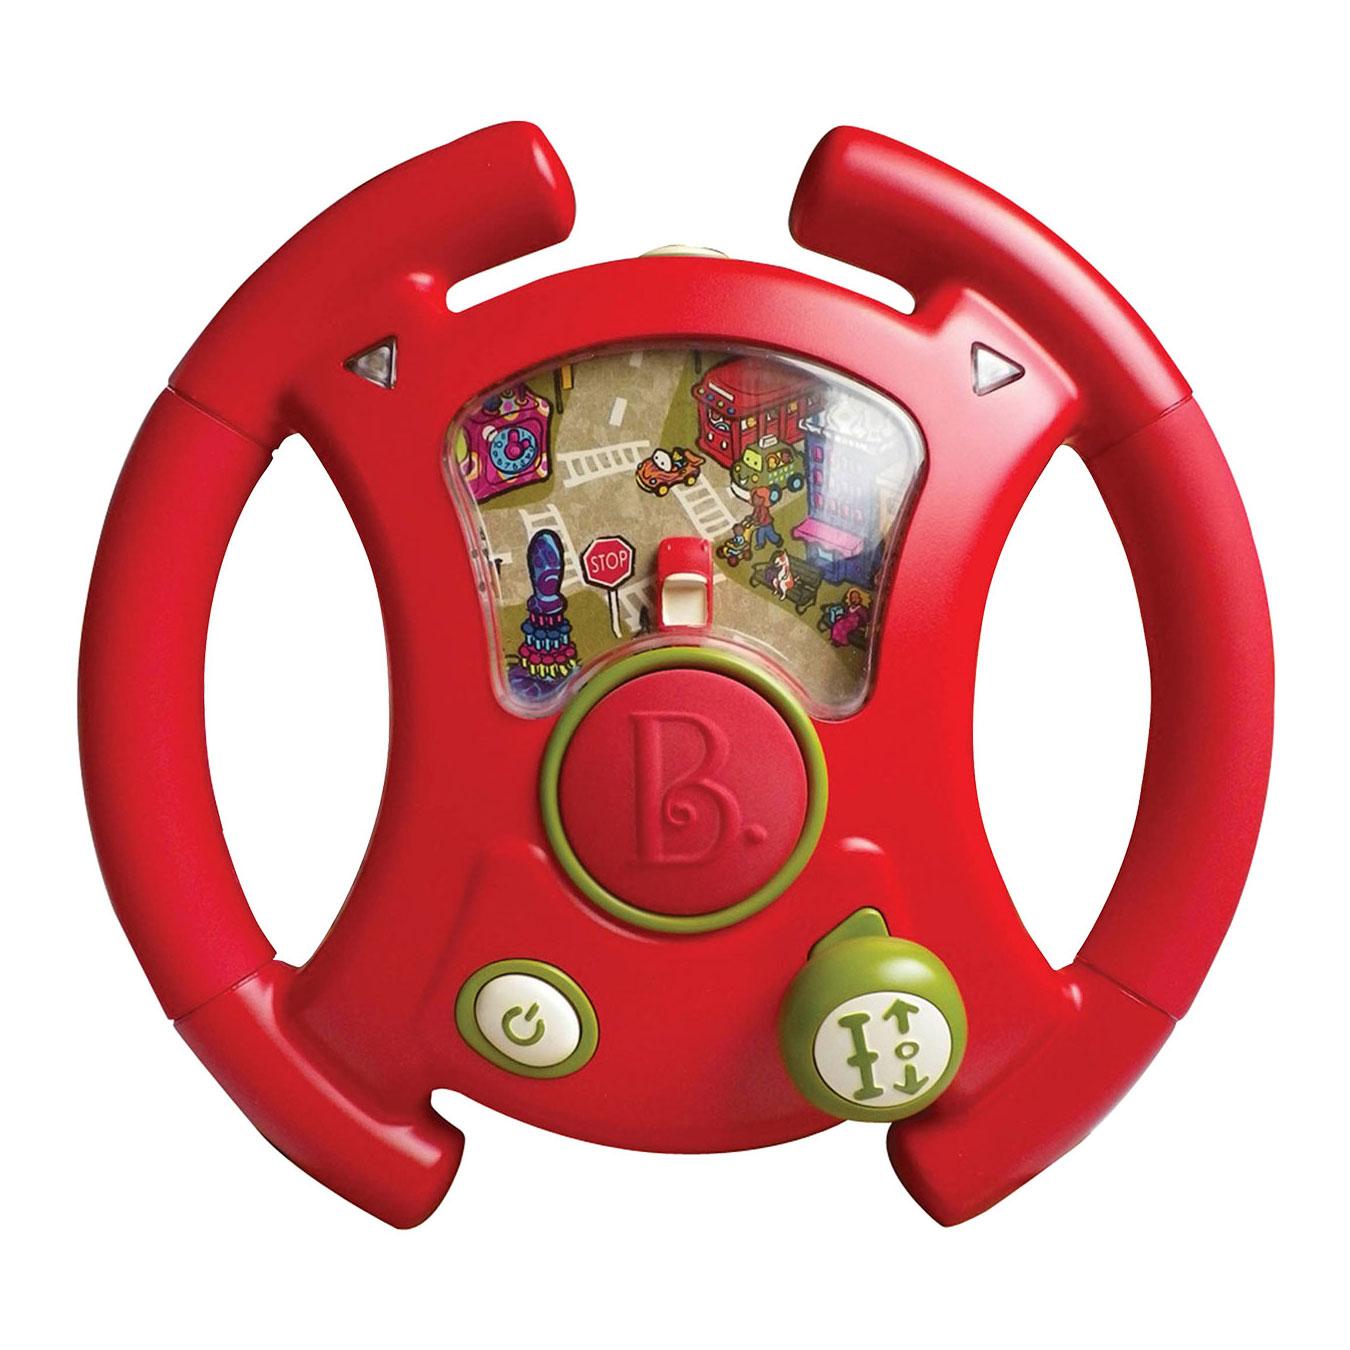 Развивающая игрушка B Dot Игрушка-руль Тебе водить от 12 мес.<br>